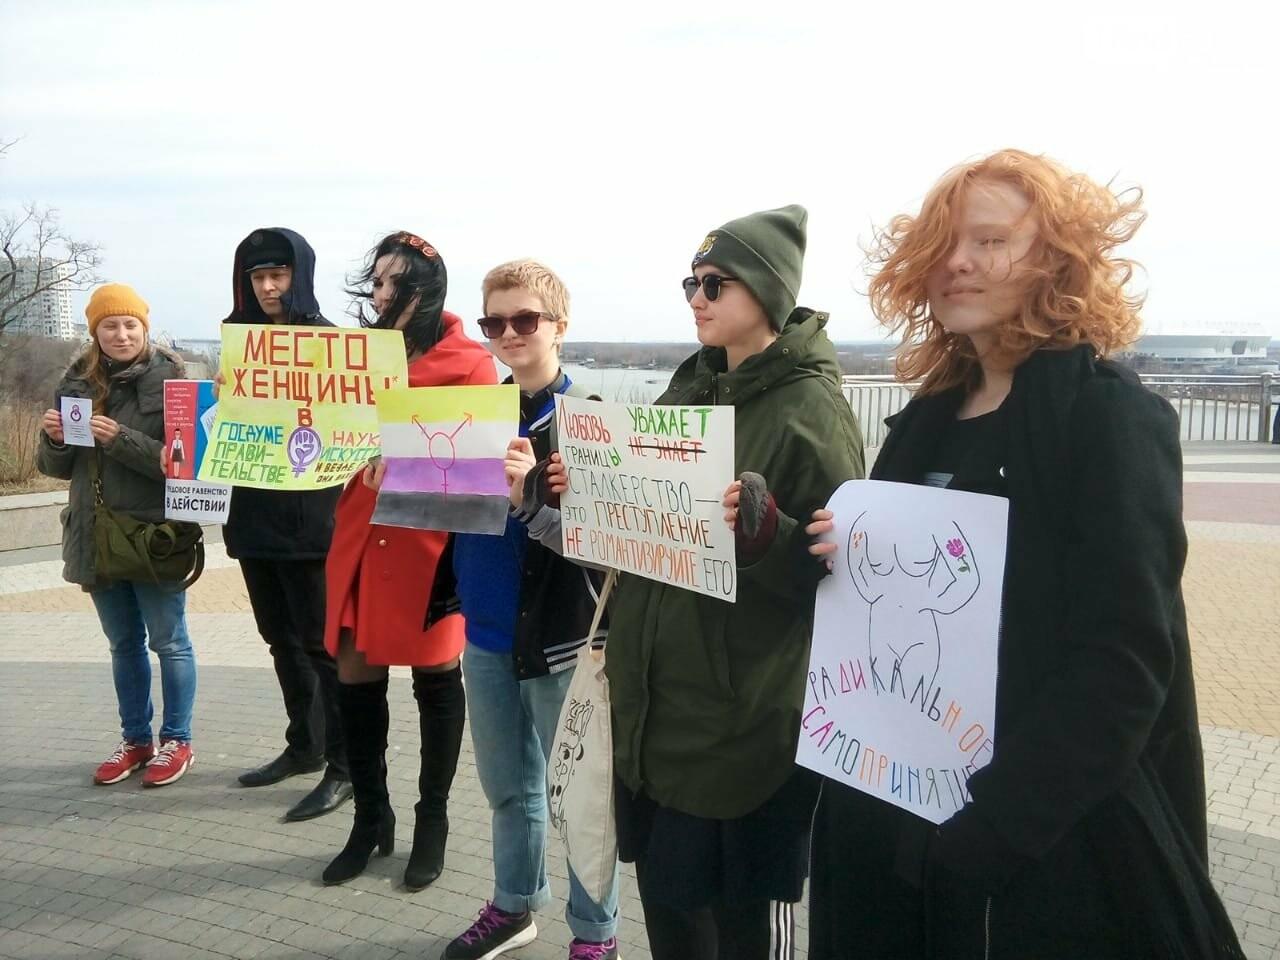 Ростовские феминистки отметили 8 марта пикетом, фото-2